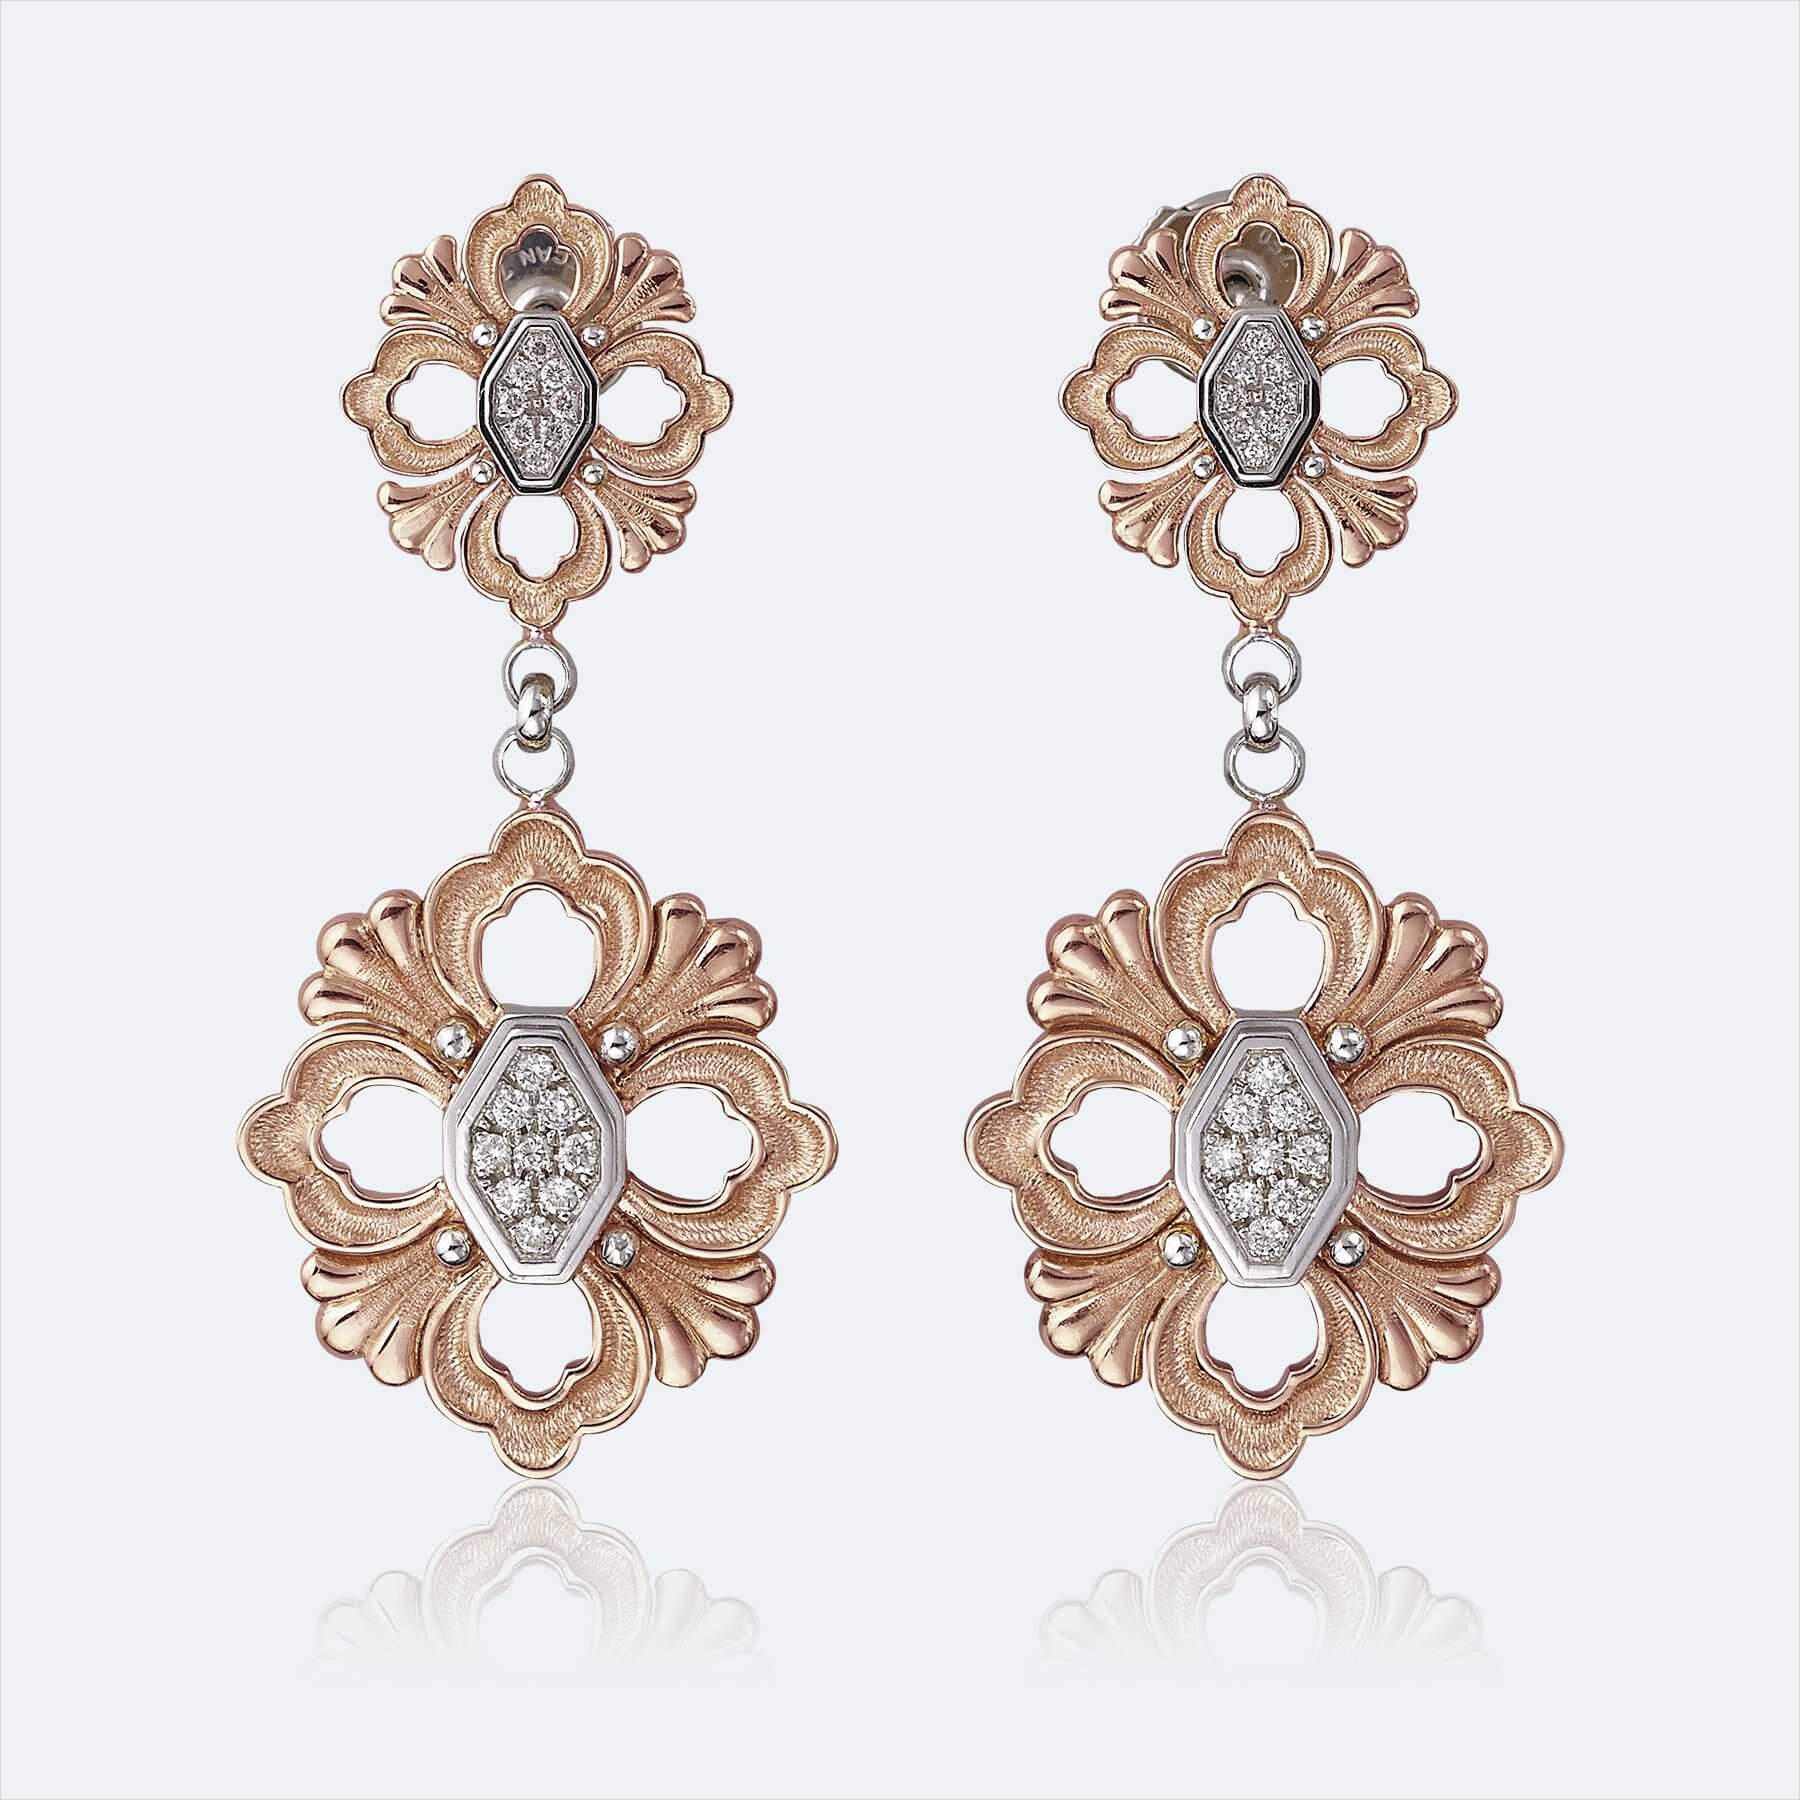 buccellati pendant earrings gold with diamonds 1